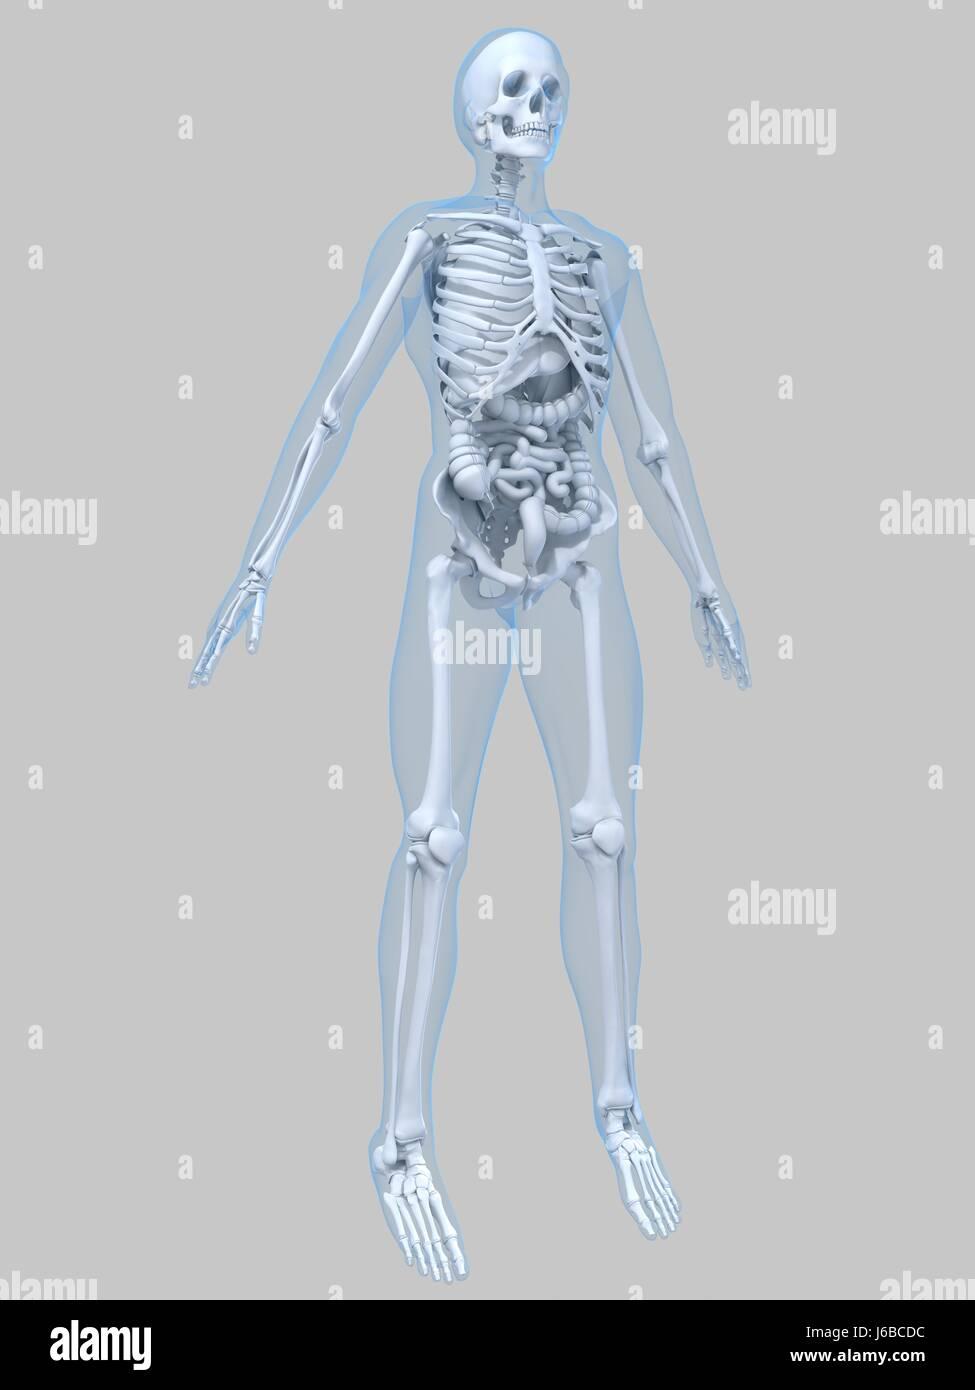 Gesundheit Medizin medizinisch menschlicher Mensch Skelett Anatomie ...